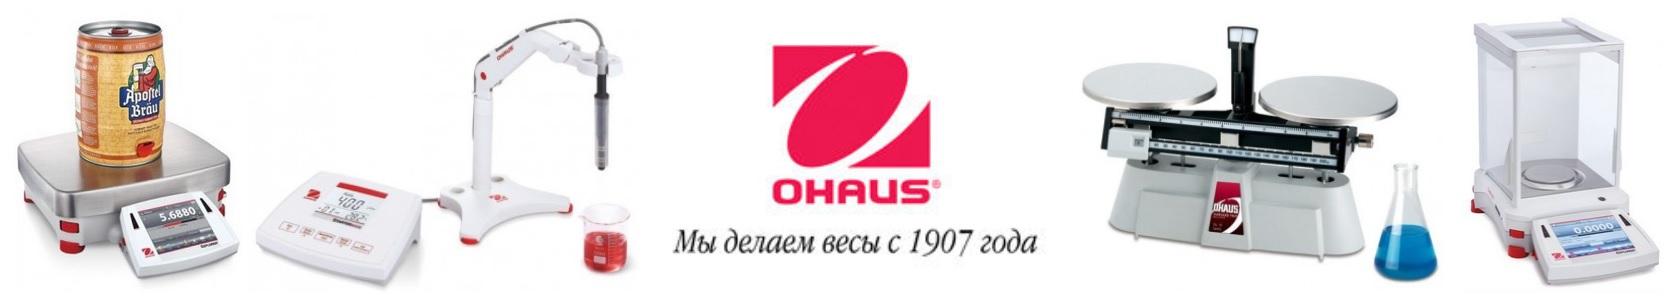 ohaus_img